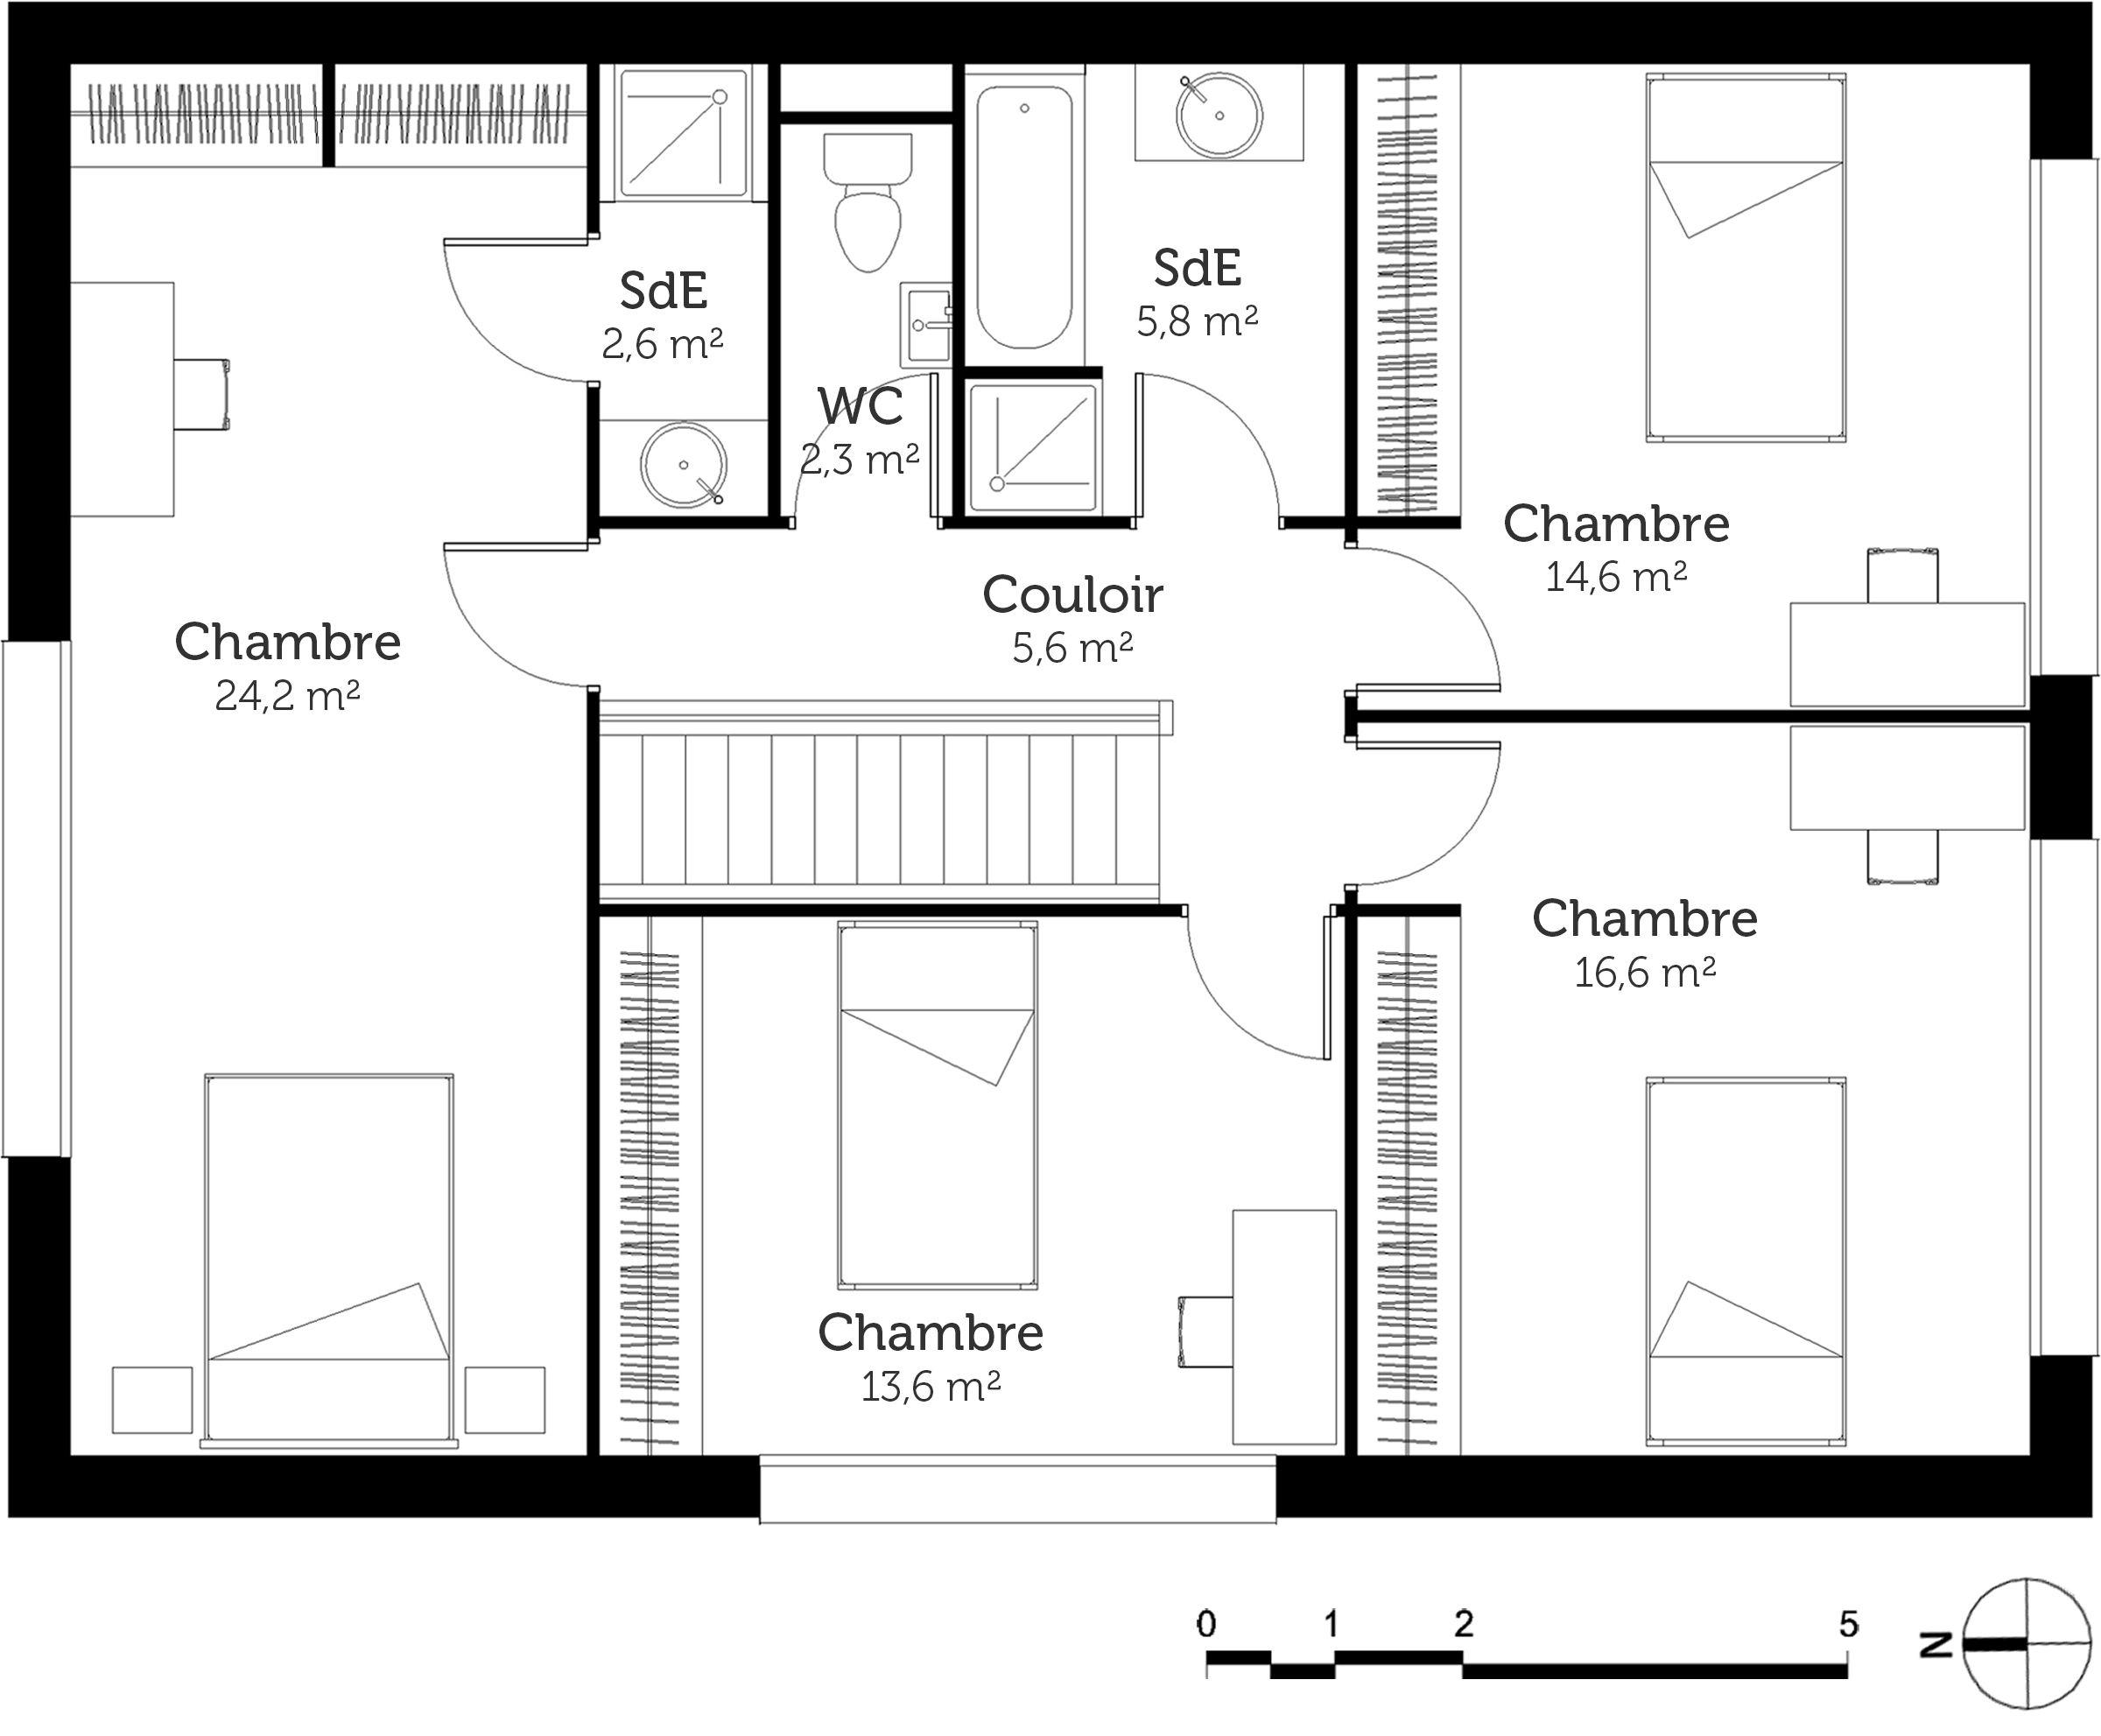 Epingle Sur Deco Plans 2